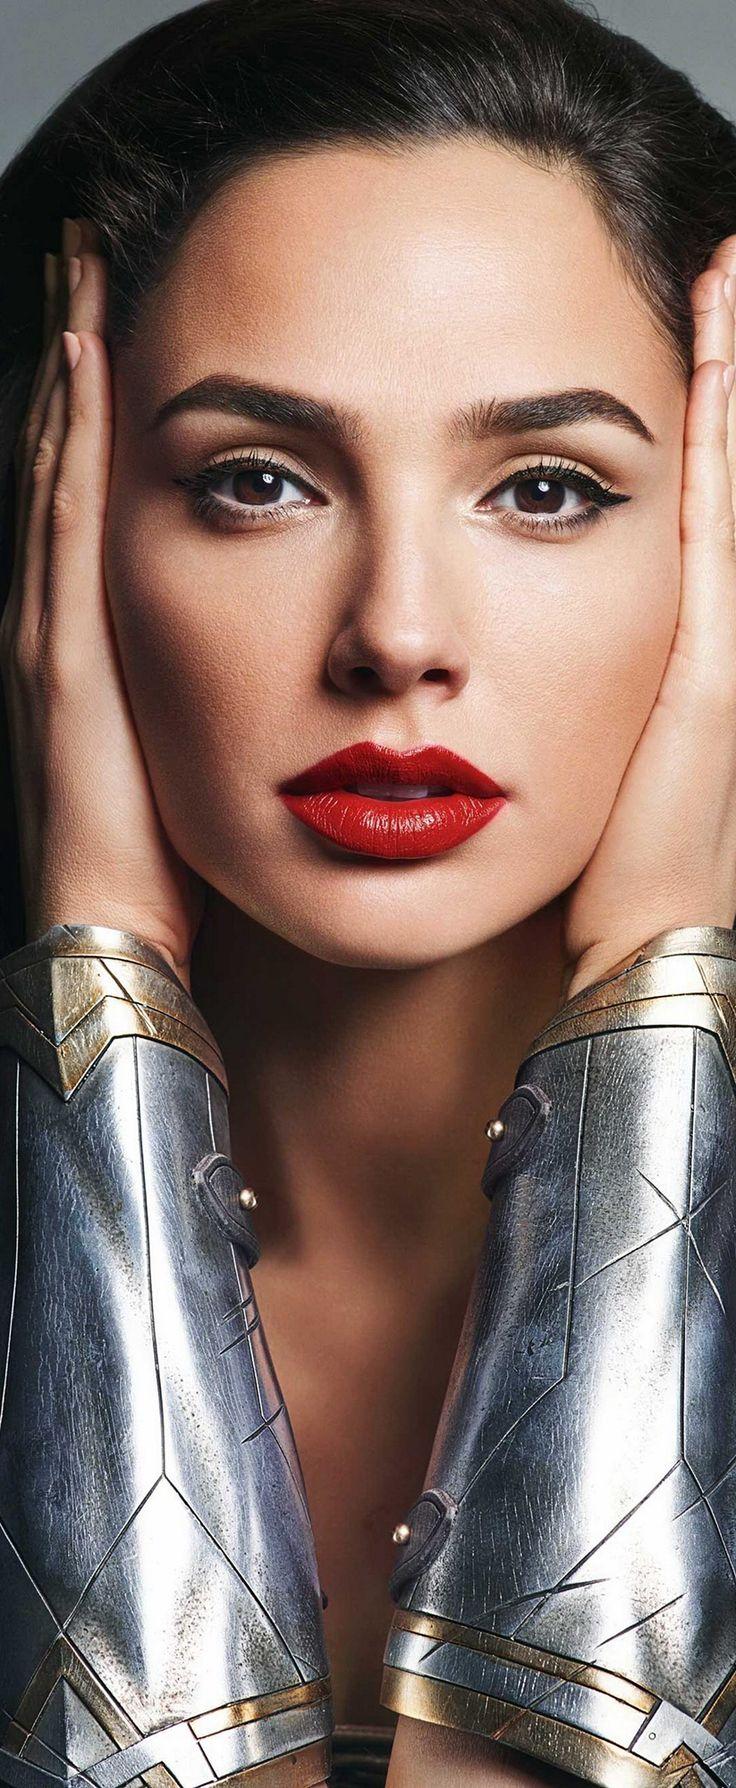 Gal Gadot | Wonder Woman